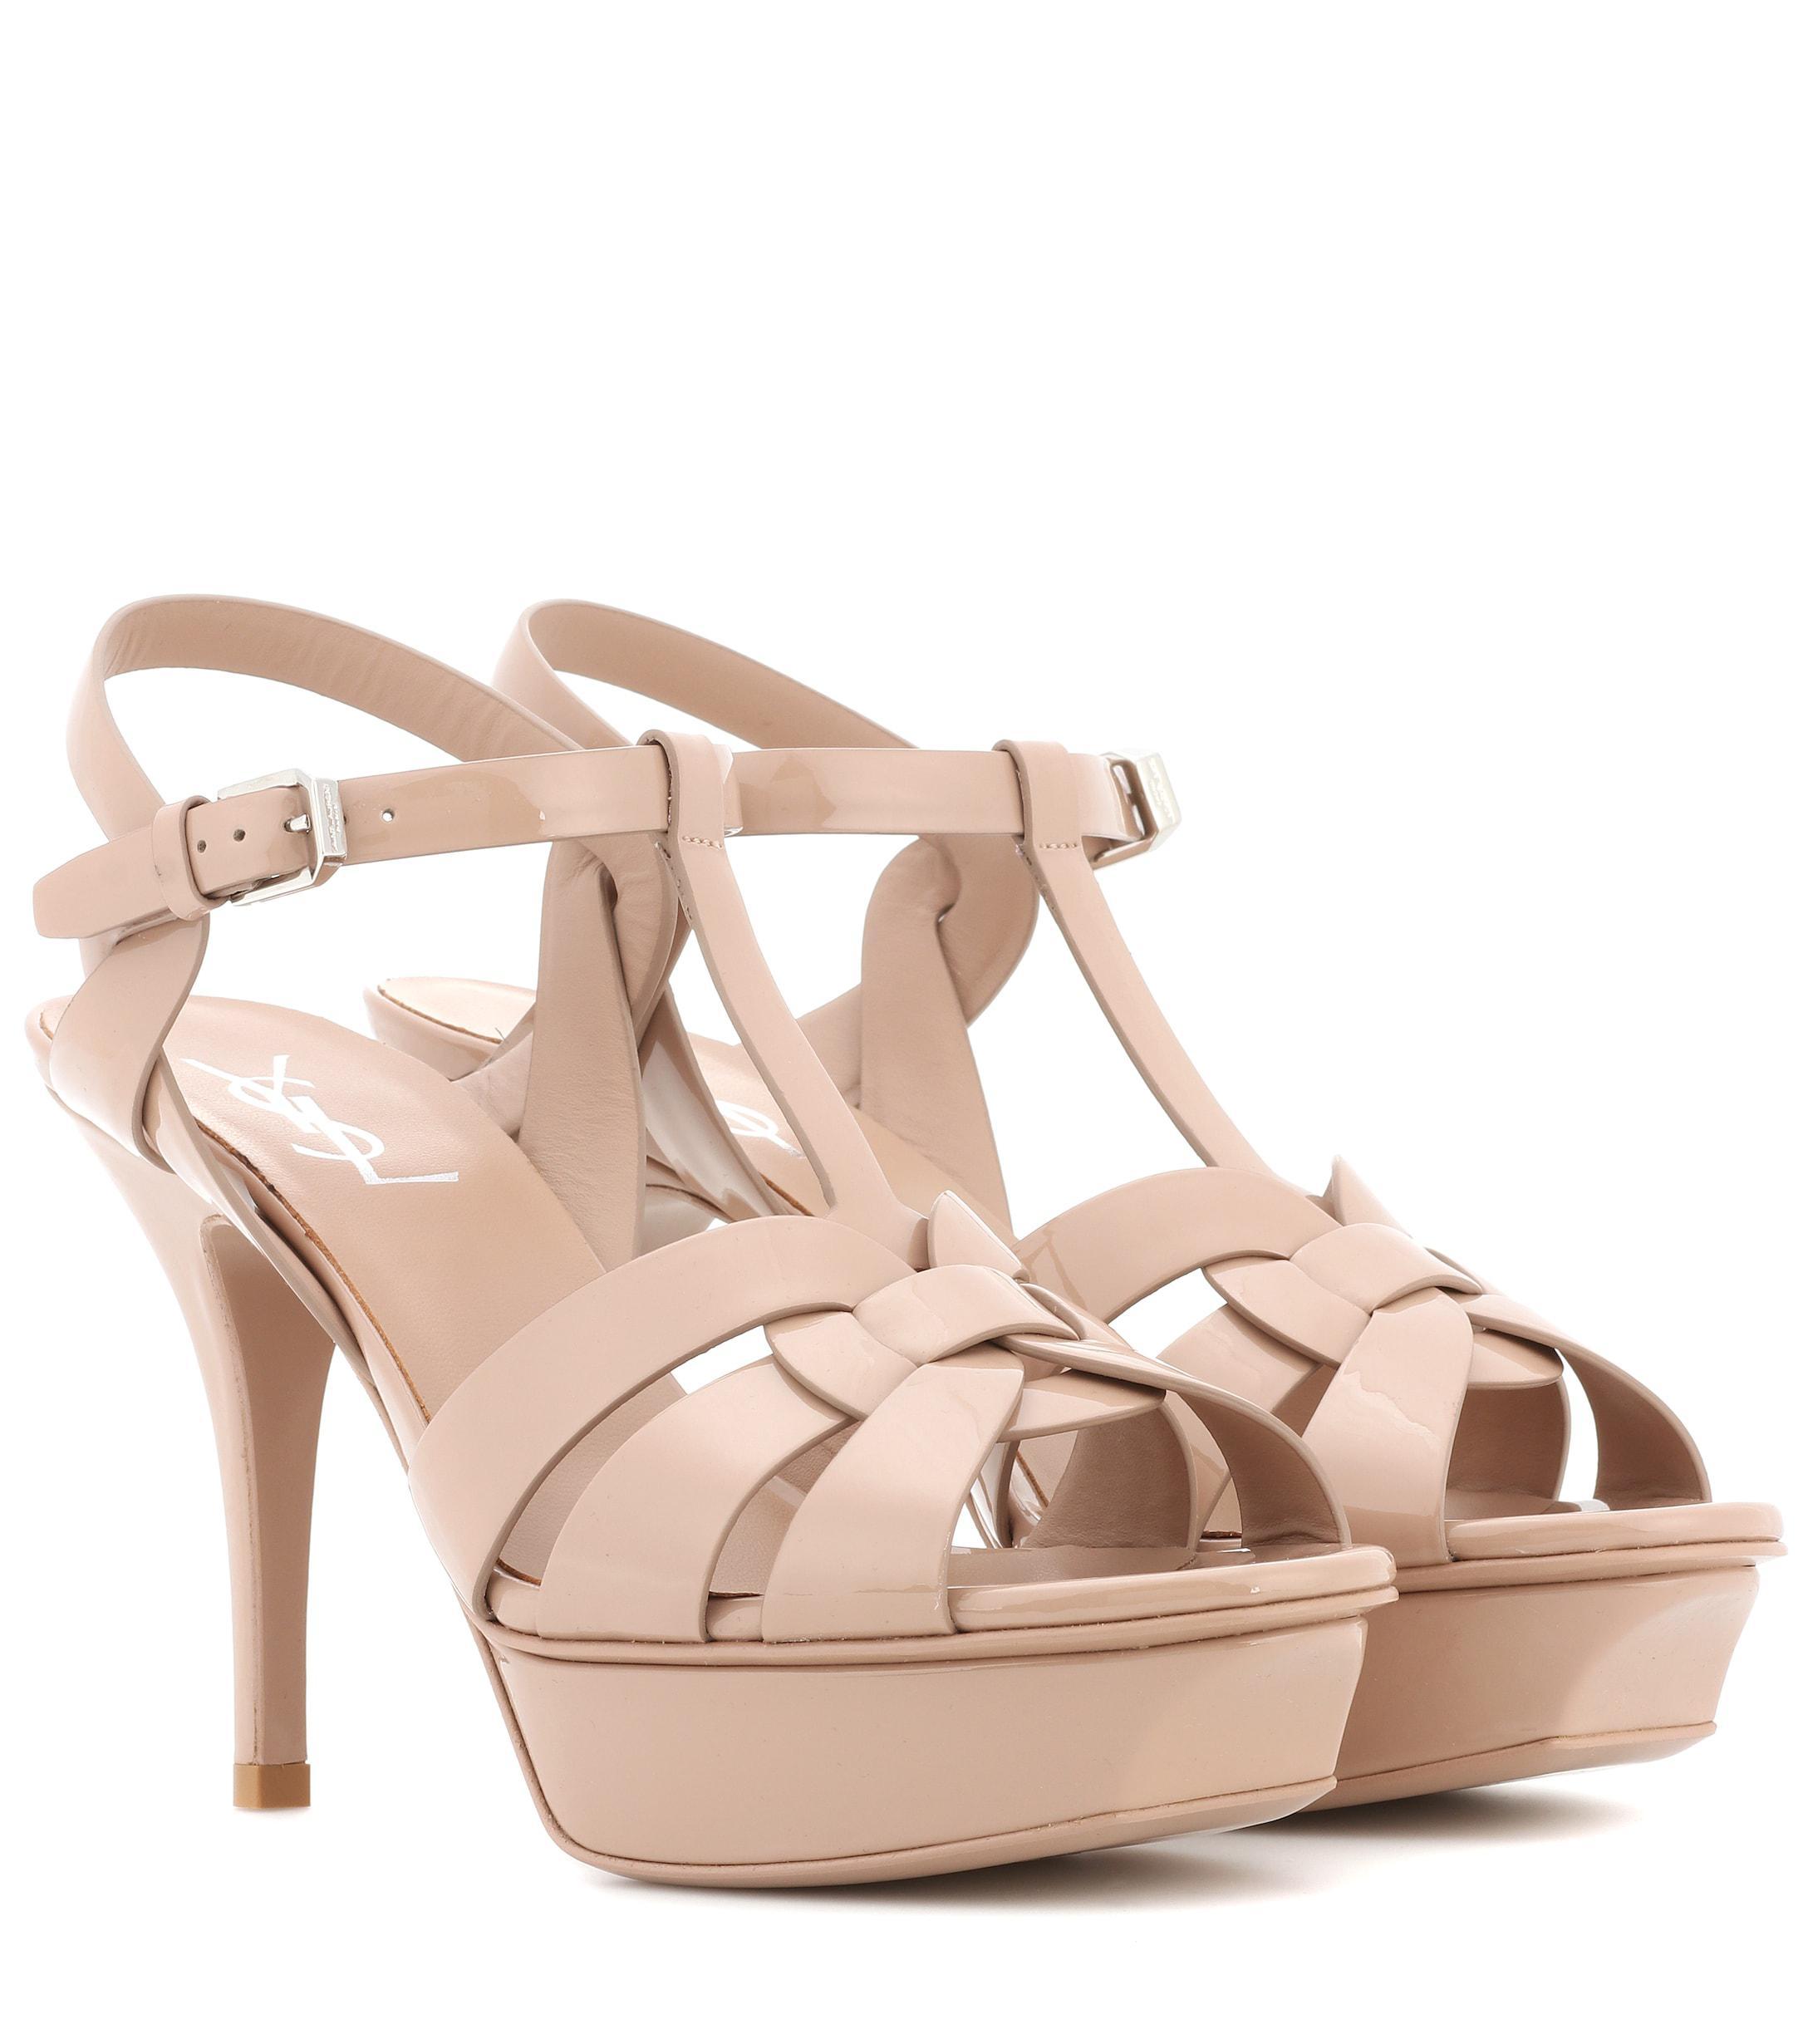 25b985111d72 Saint Laurent. Women s Tribute 75 Patent Leather Sandals